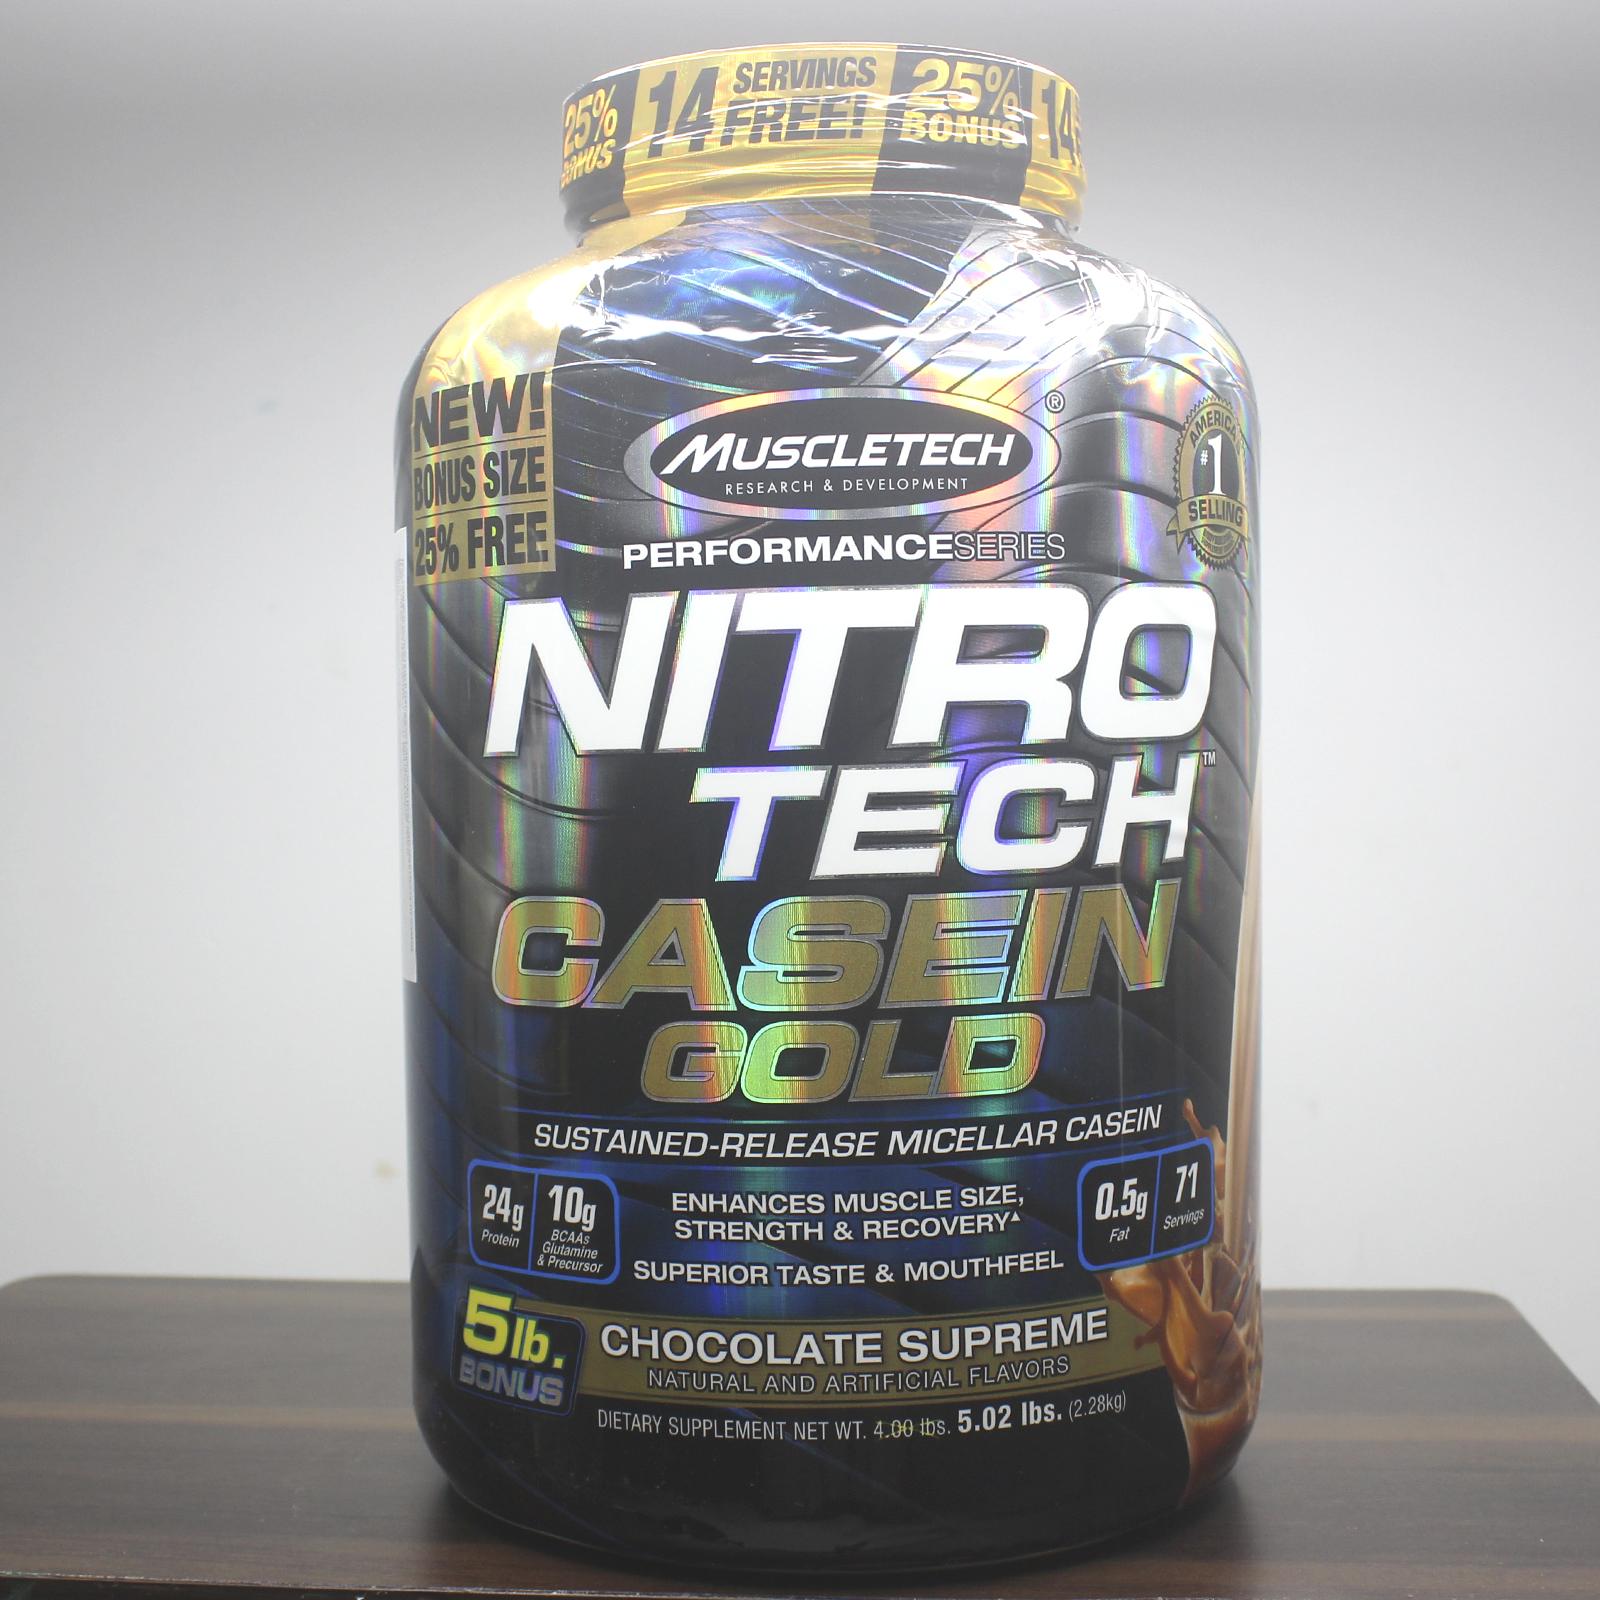 Combo Sữa tăng cơ NitroTech Casein Gold của MuscleTech hộp 71 lần dùng hỗ trợ duy trì protein cho cơ suốt 8 tiếng & Bình INOX 739ml (Mẫu ngẫu nhiên)